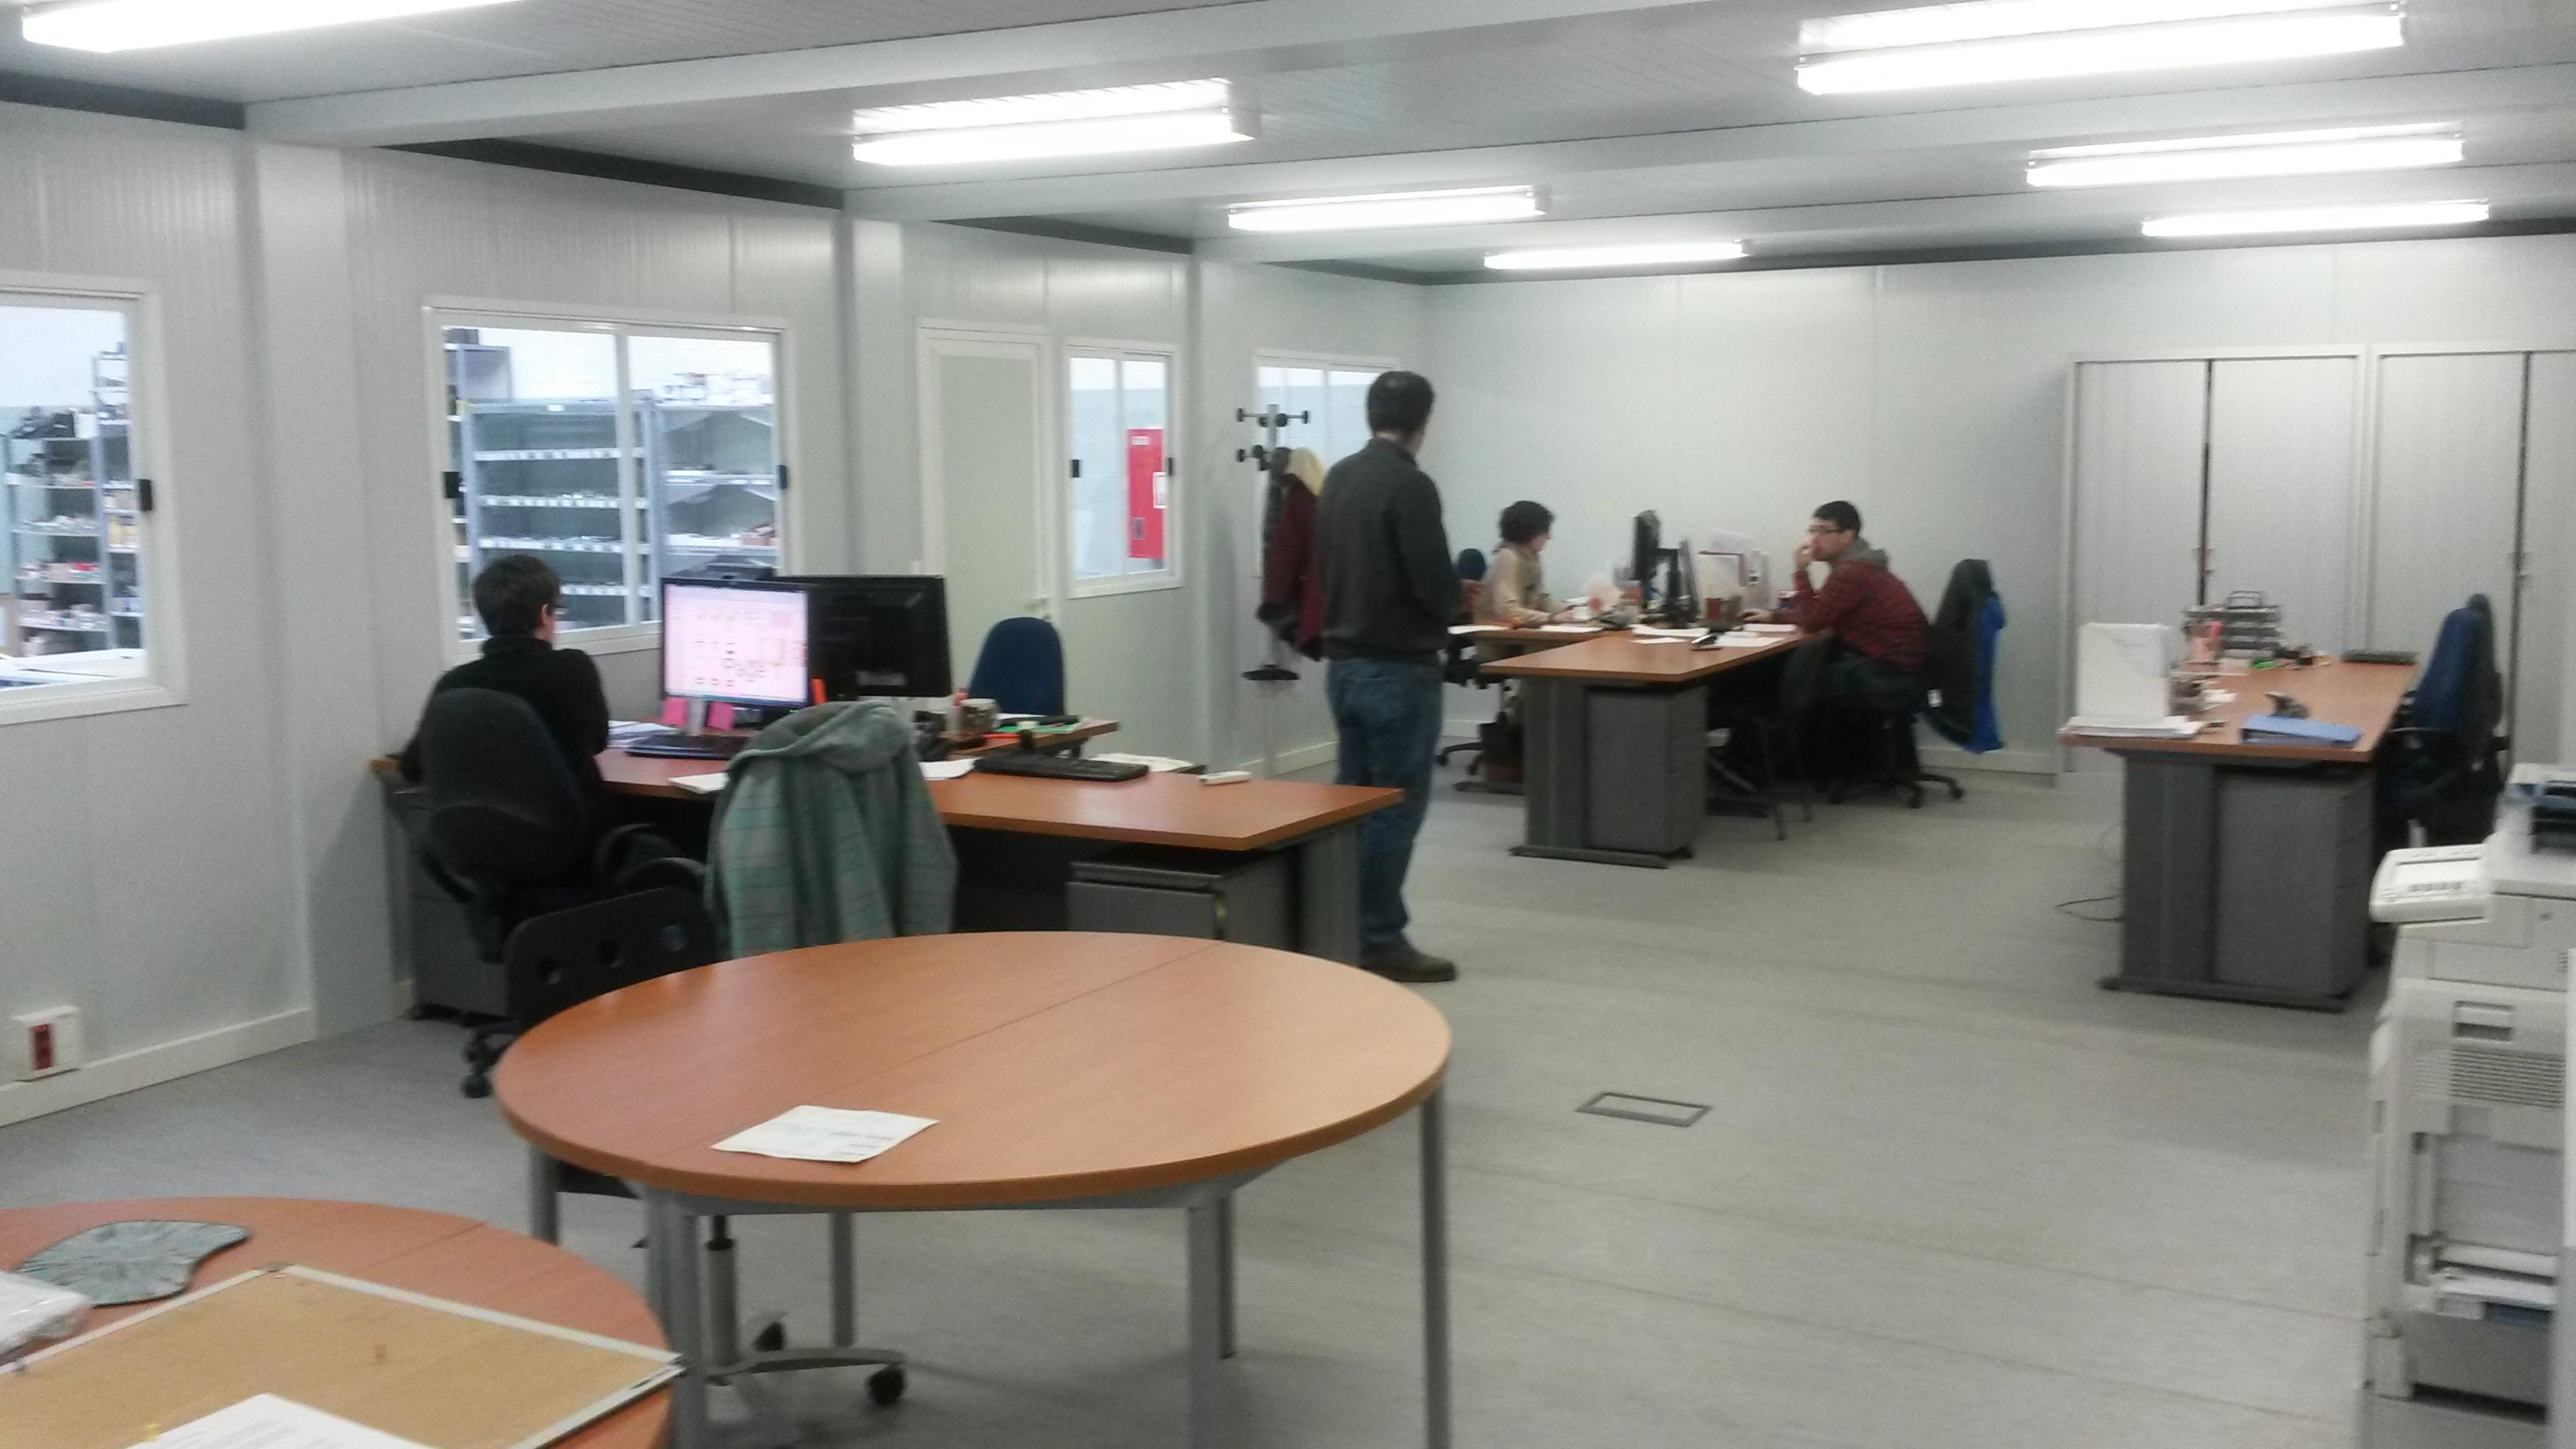 Balat oficinas modulares de interior en novargi balat for Oficinas modulares